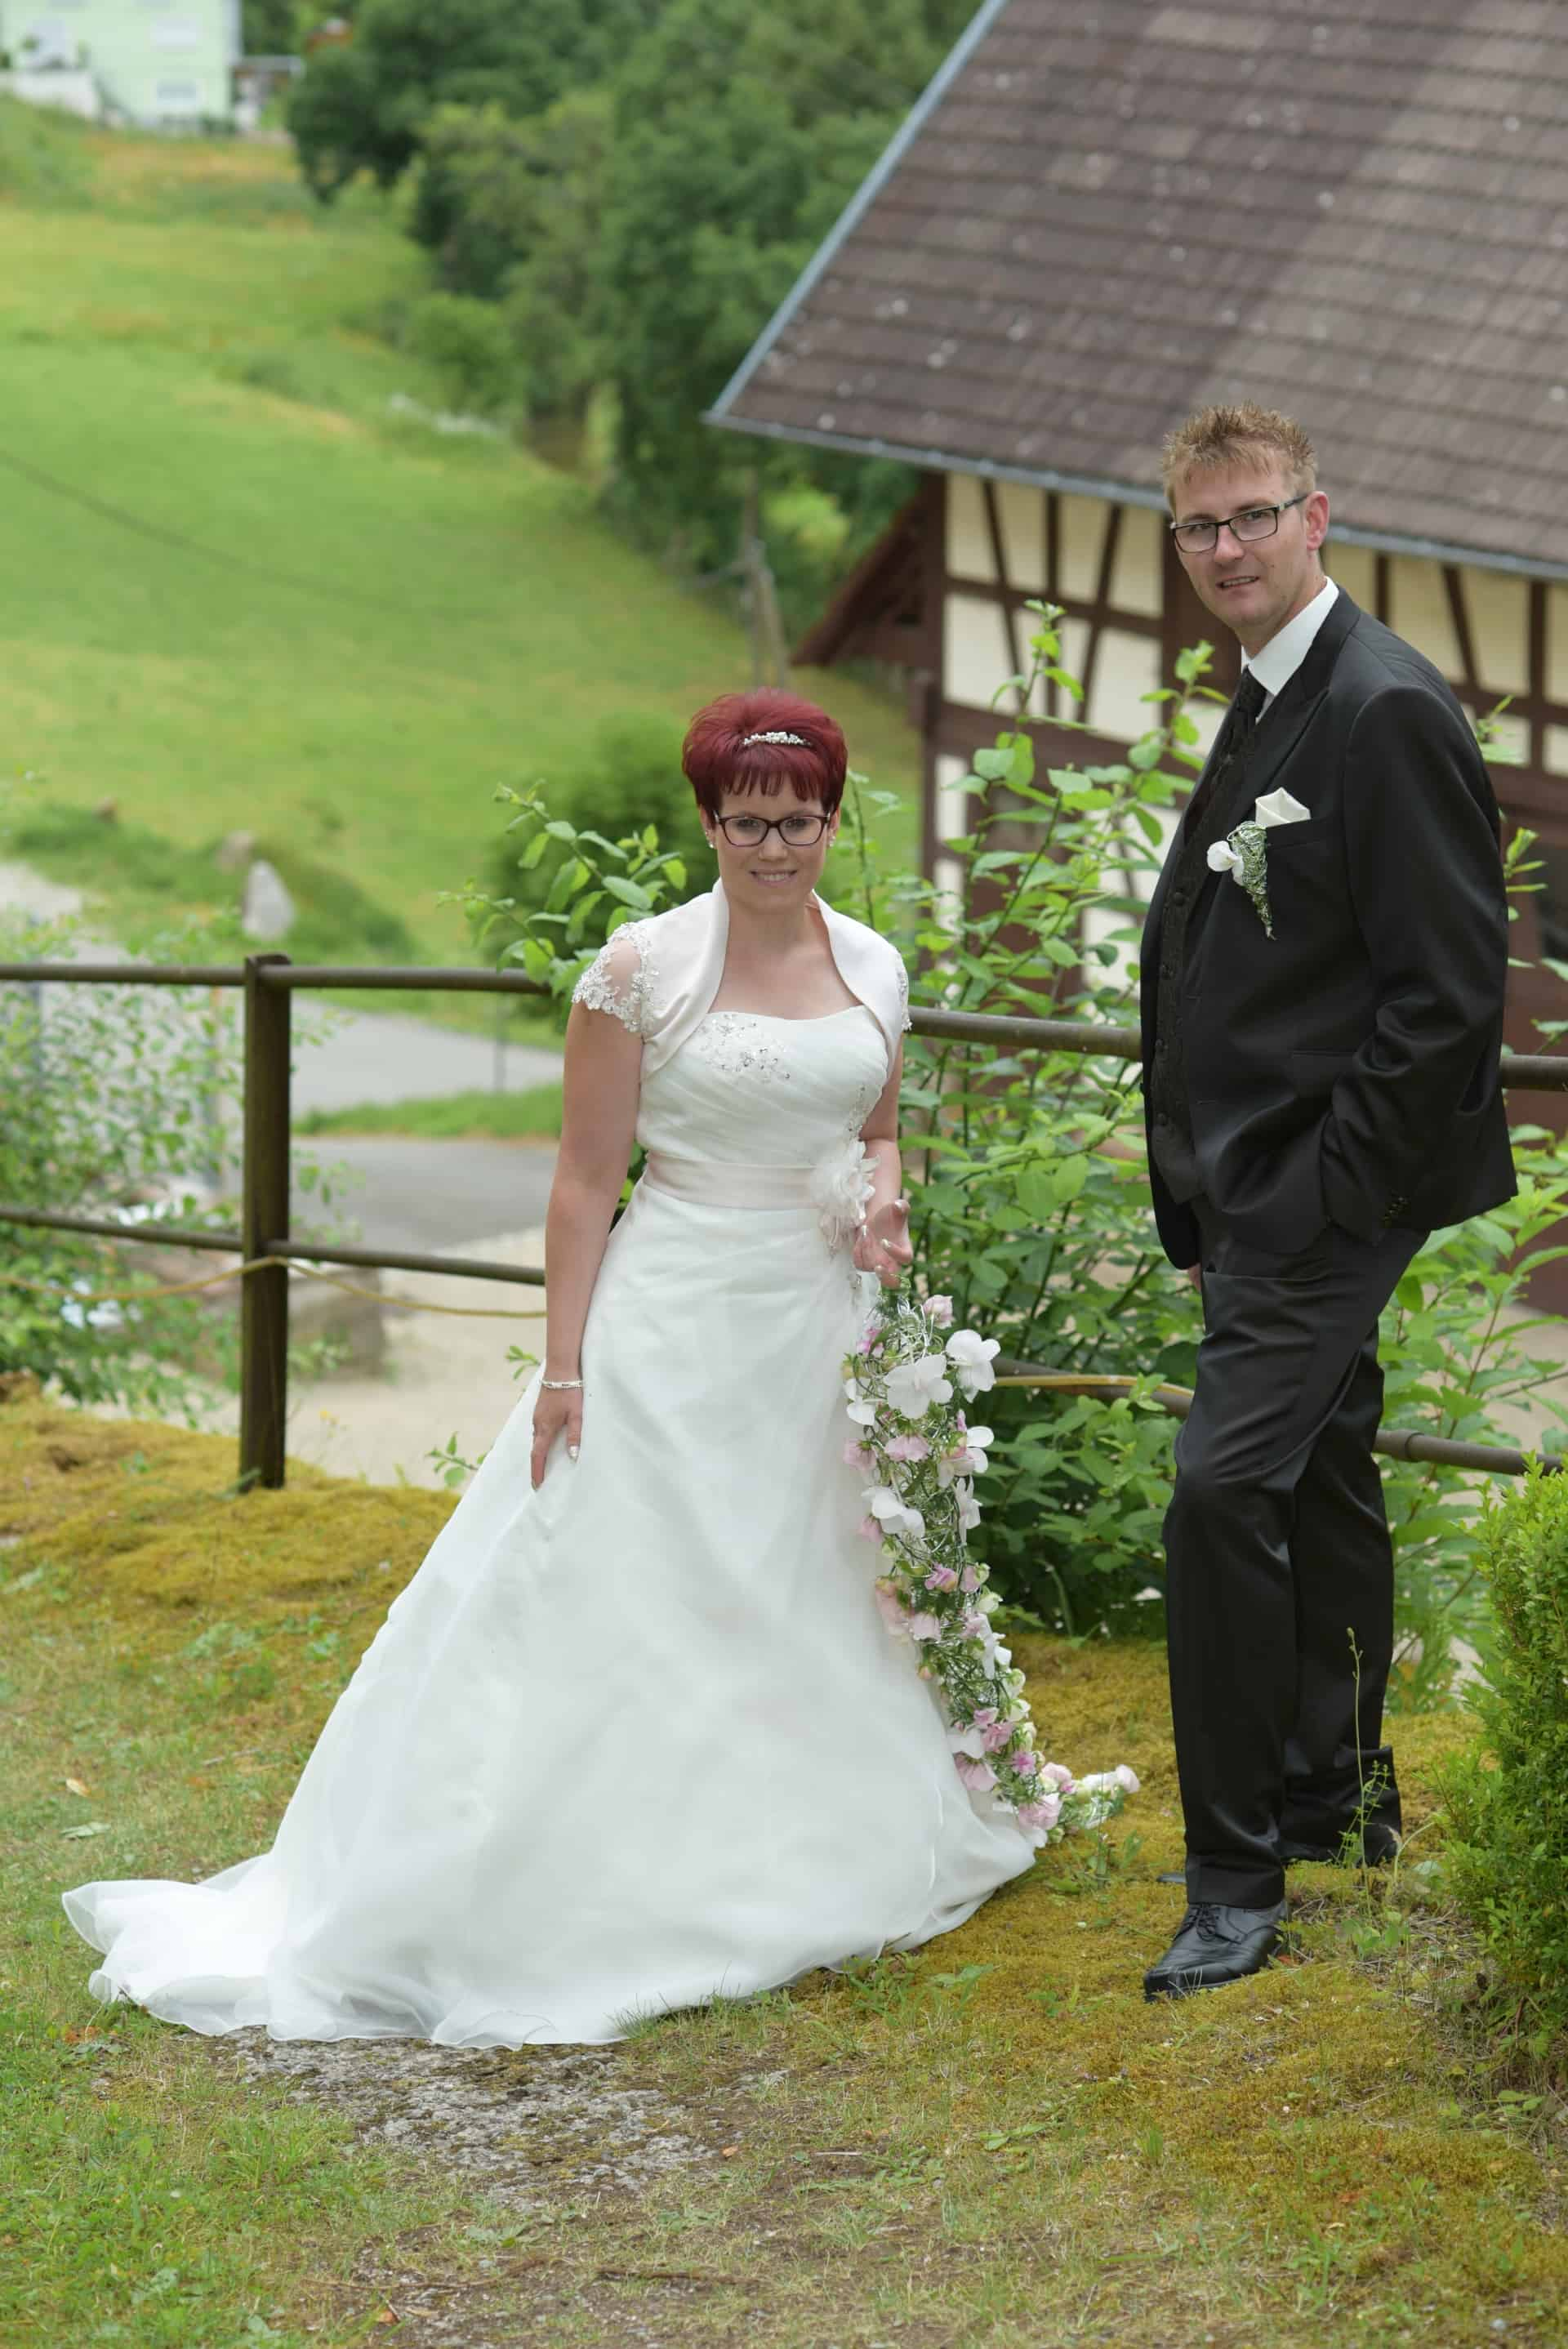 Blumen-Luz Altensteig Hochzeit Nadja und Tobias 01 (2)